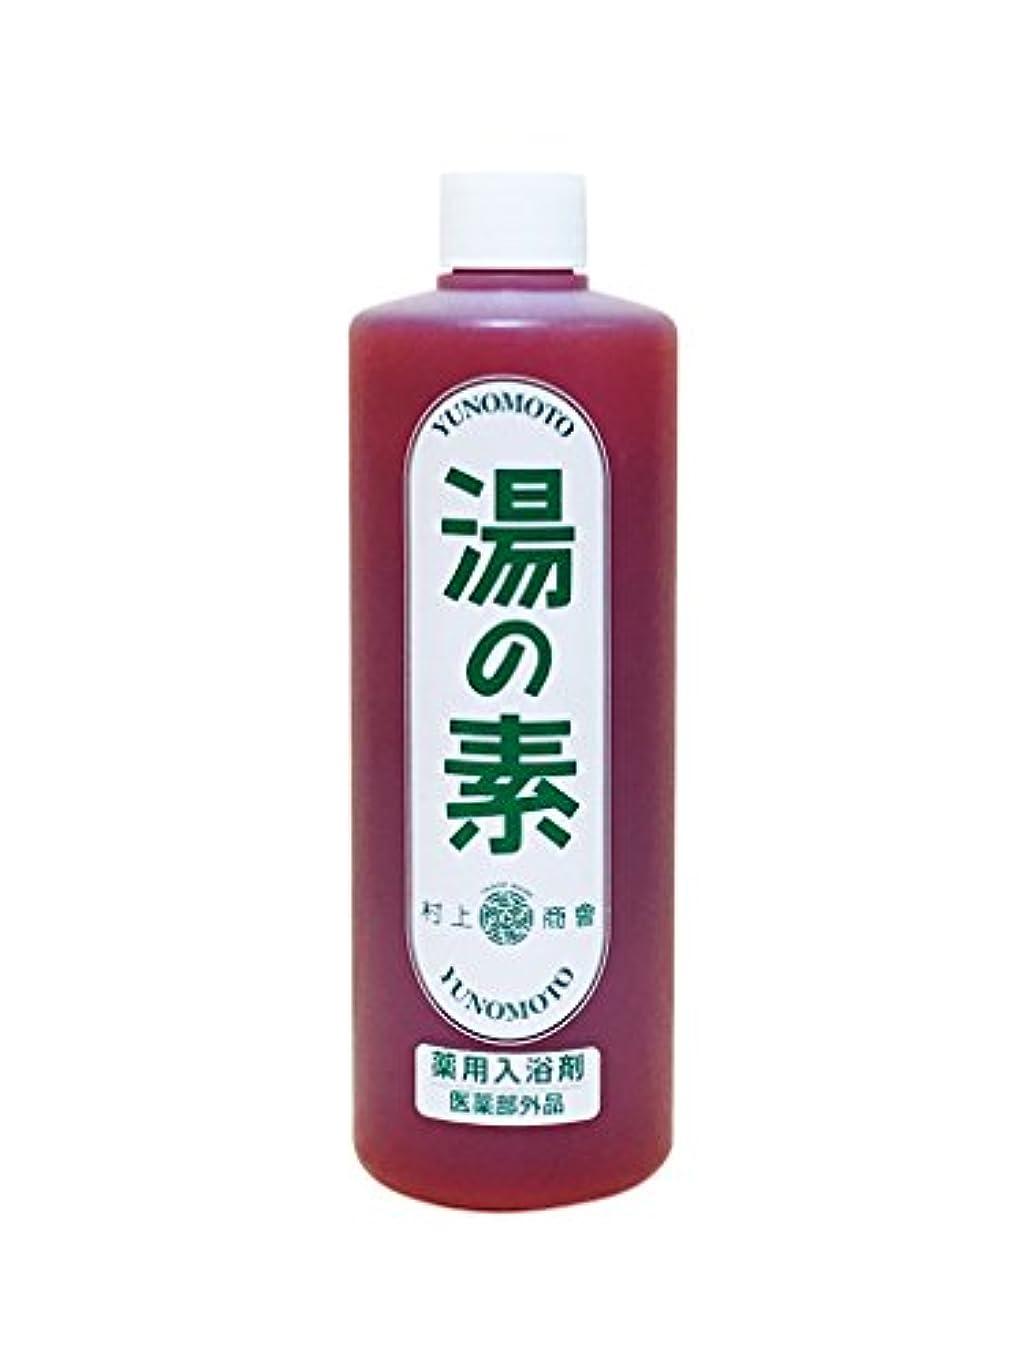 雰囲気記念列挙する硫黄乳白色湯 湯の素 薬用入浴剤 (医薬部外品) 490g